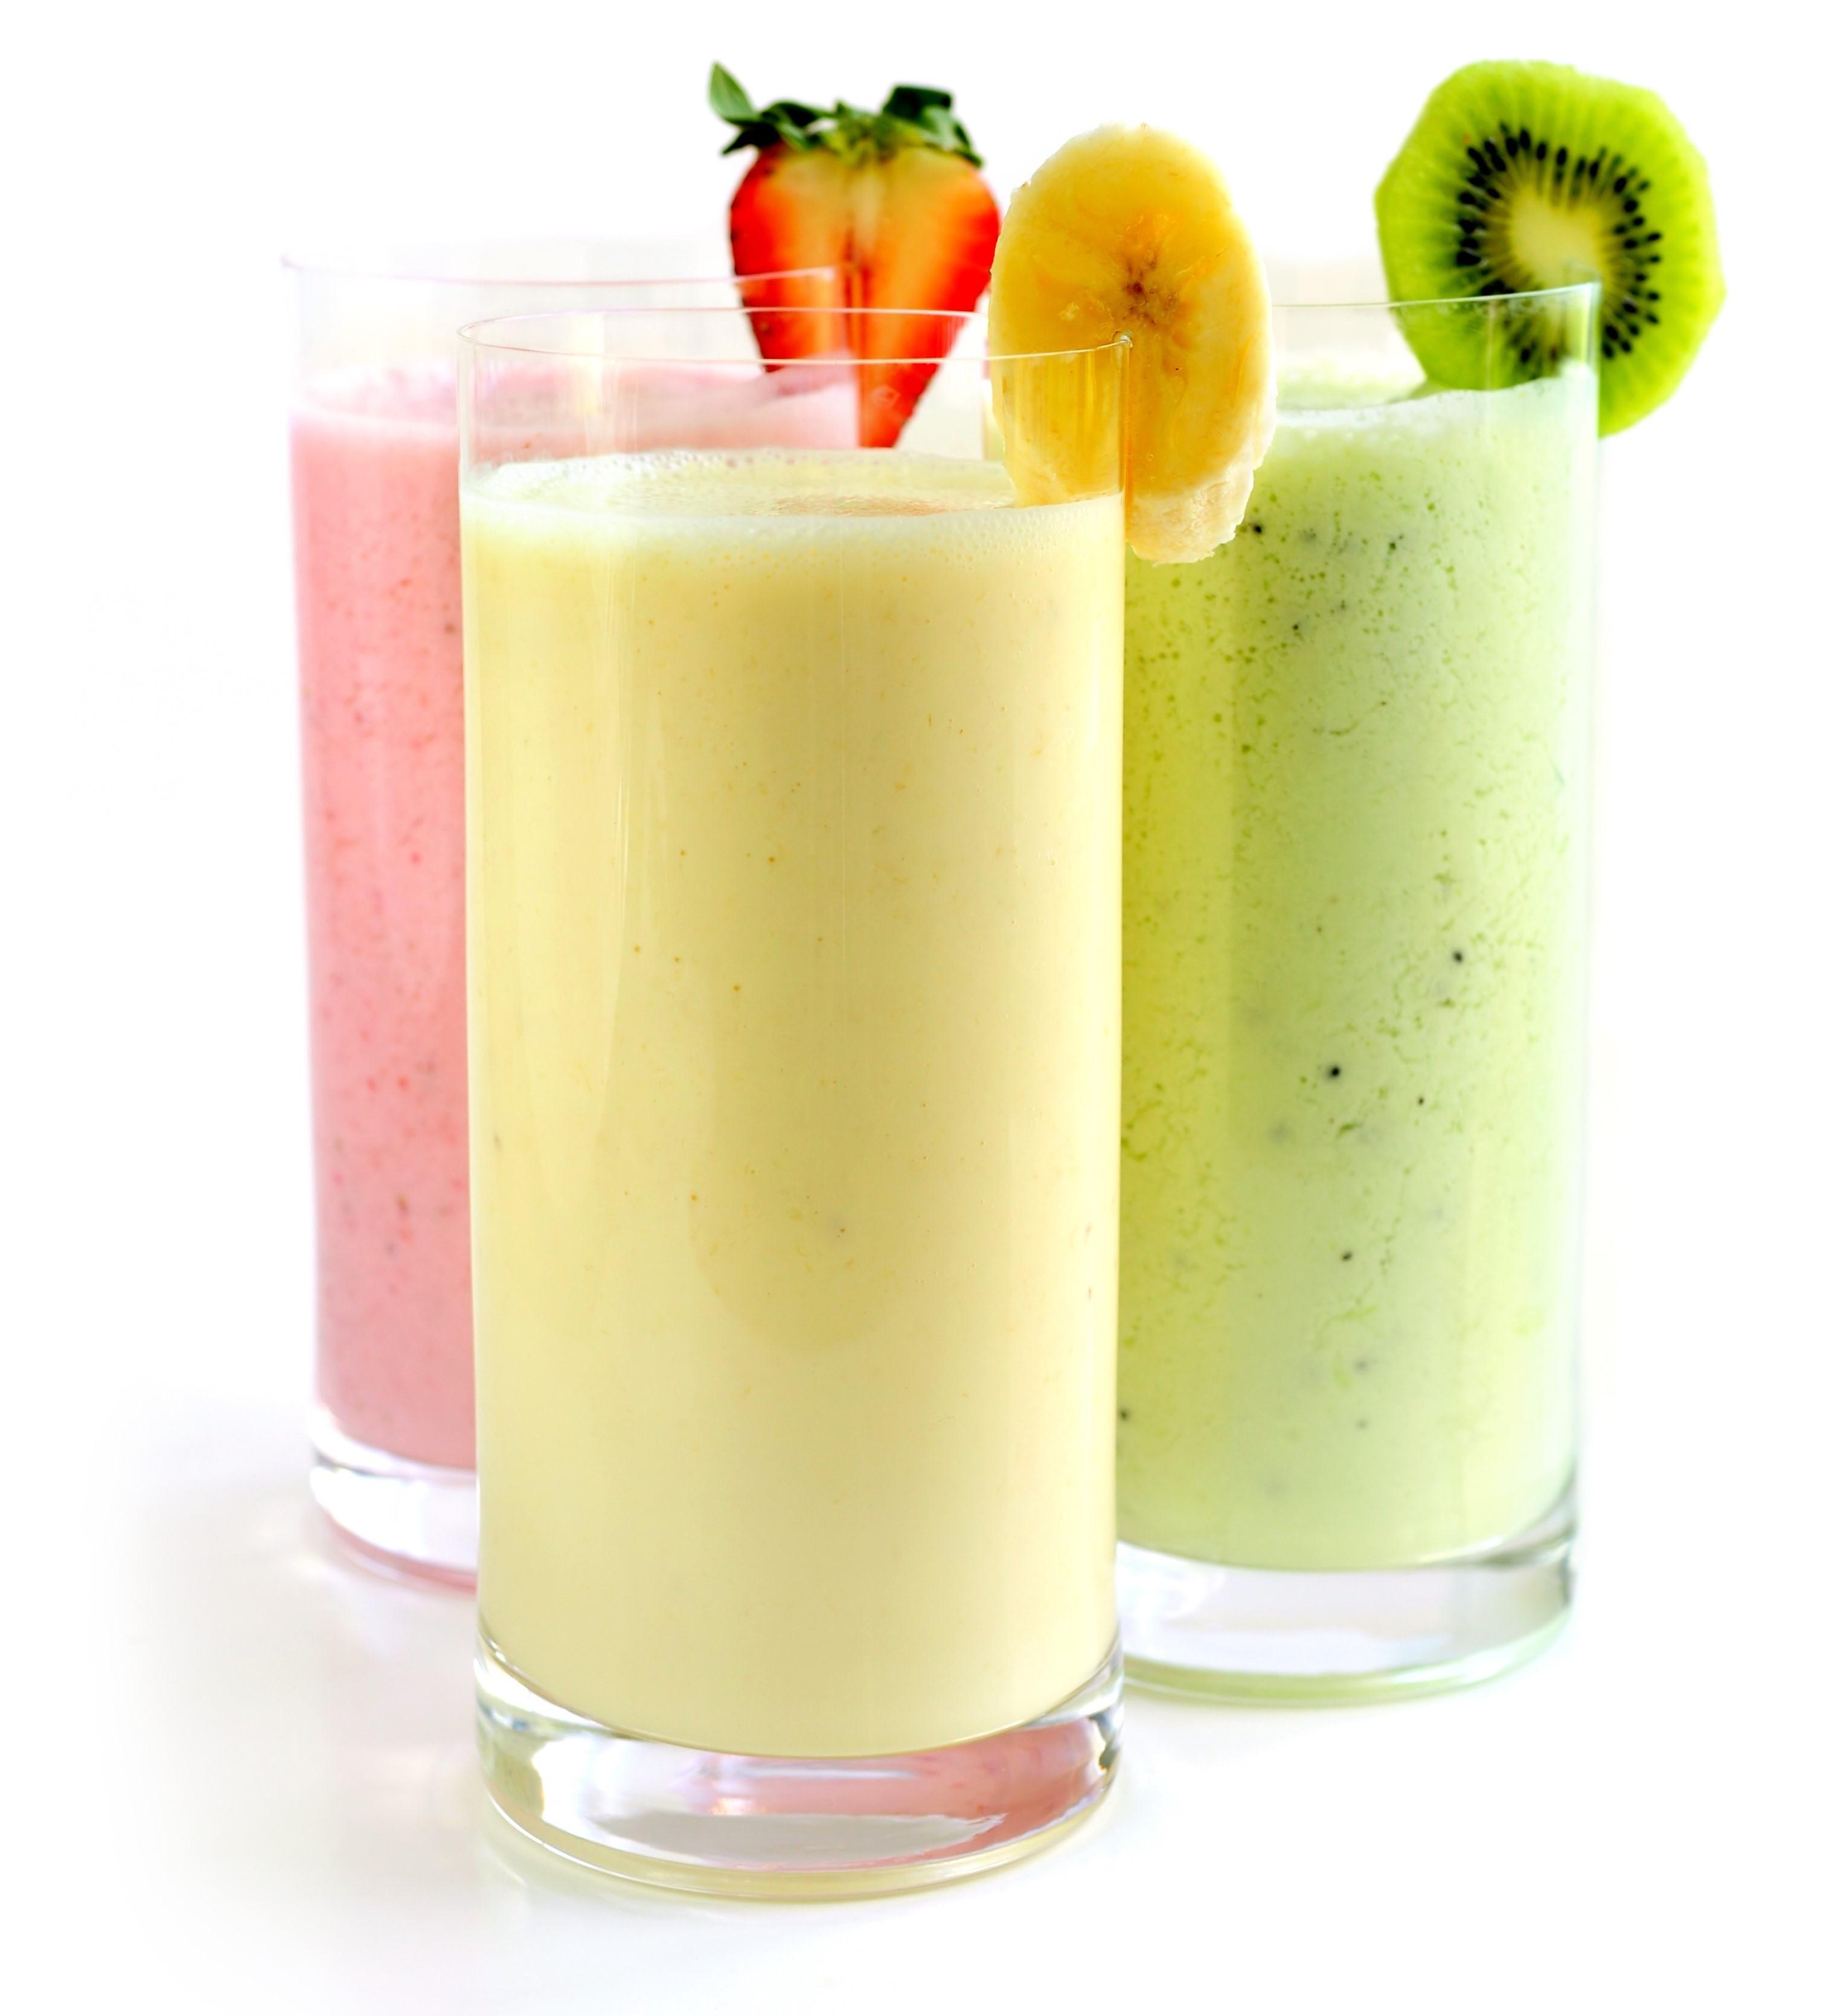 60% reduced-sugar drinking yogurt